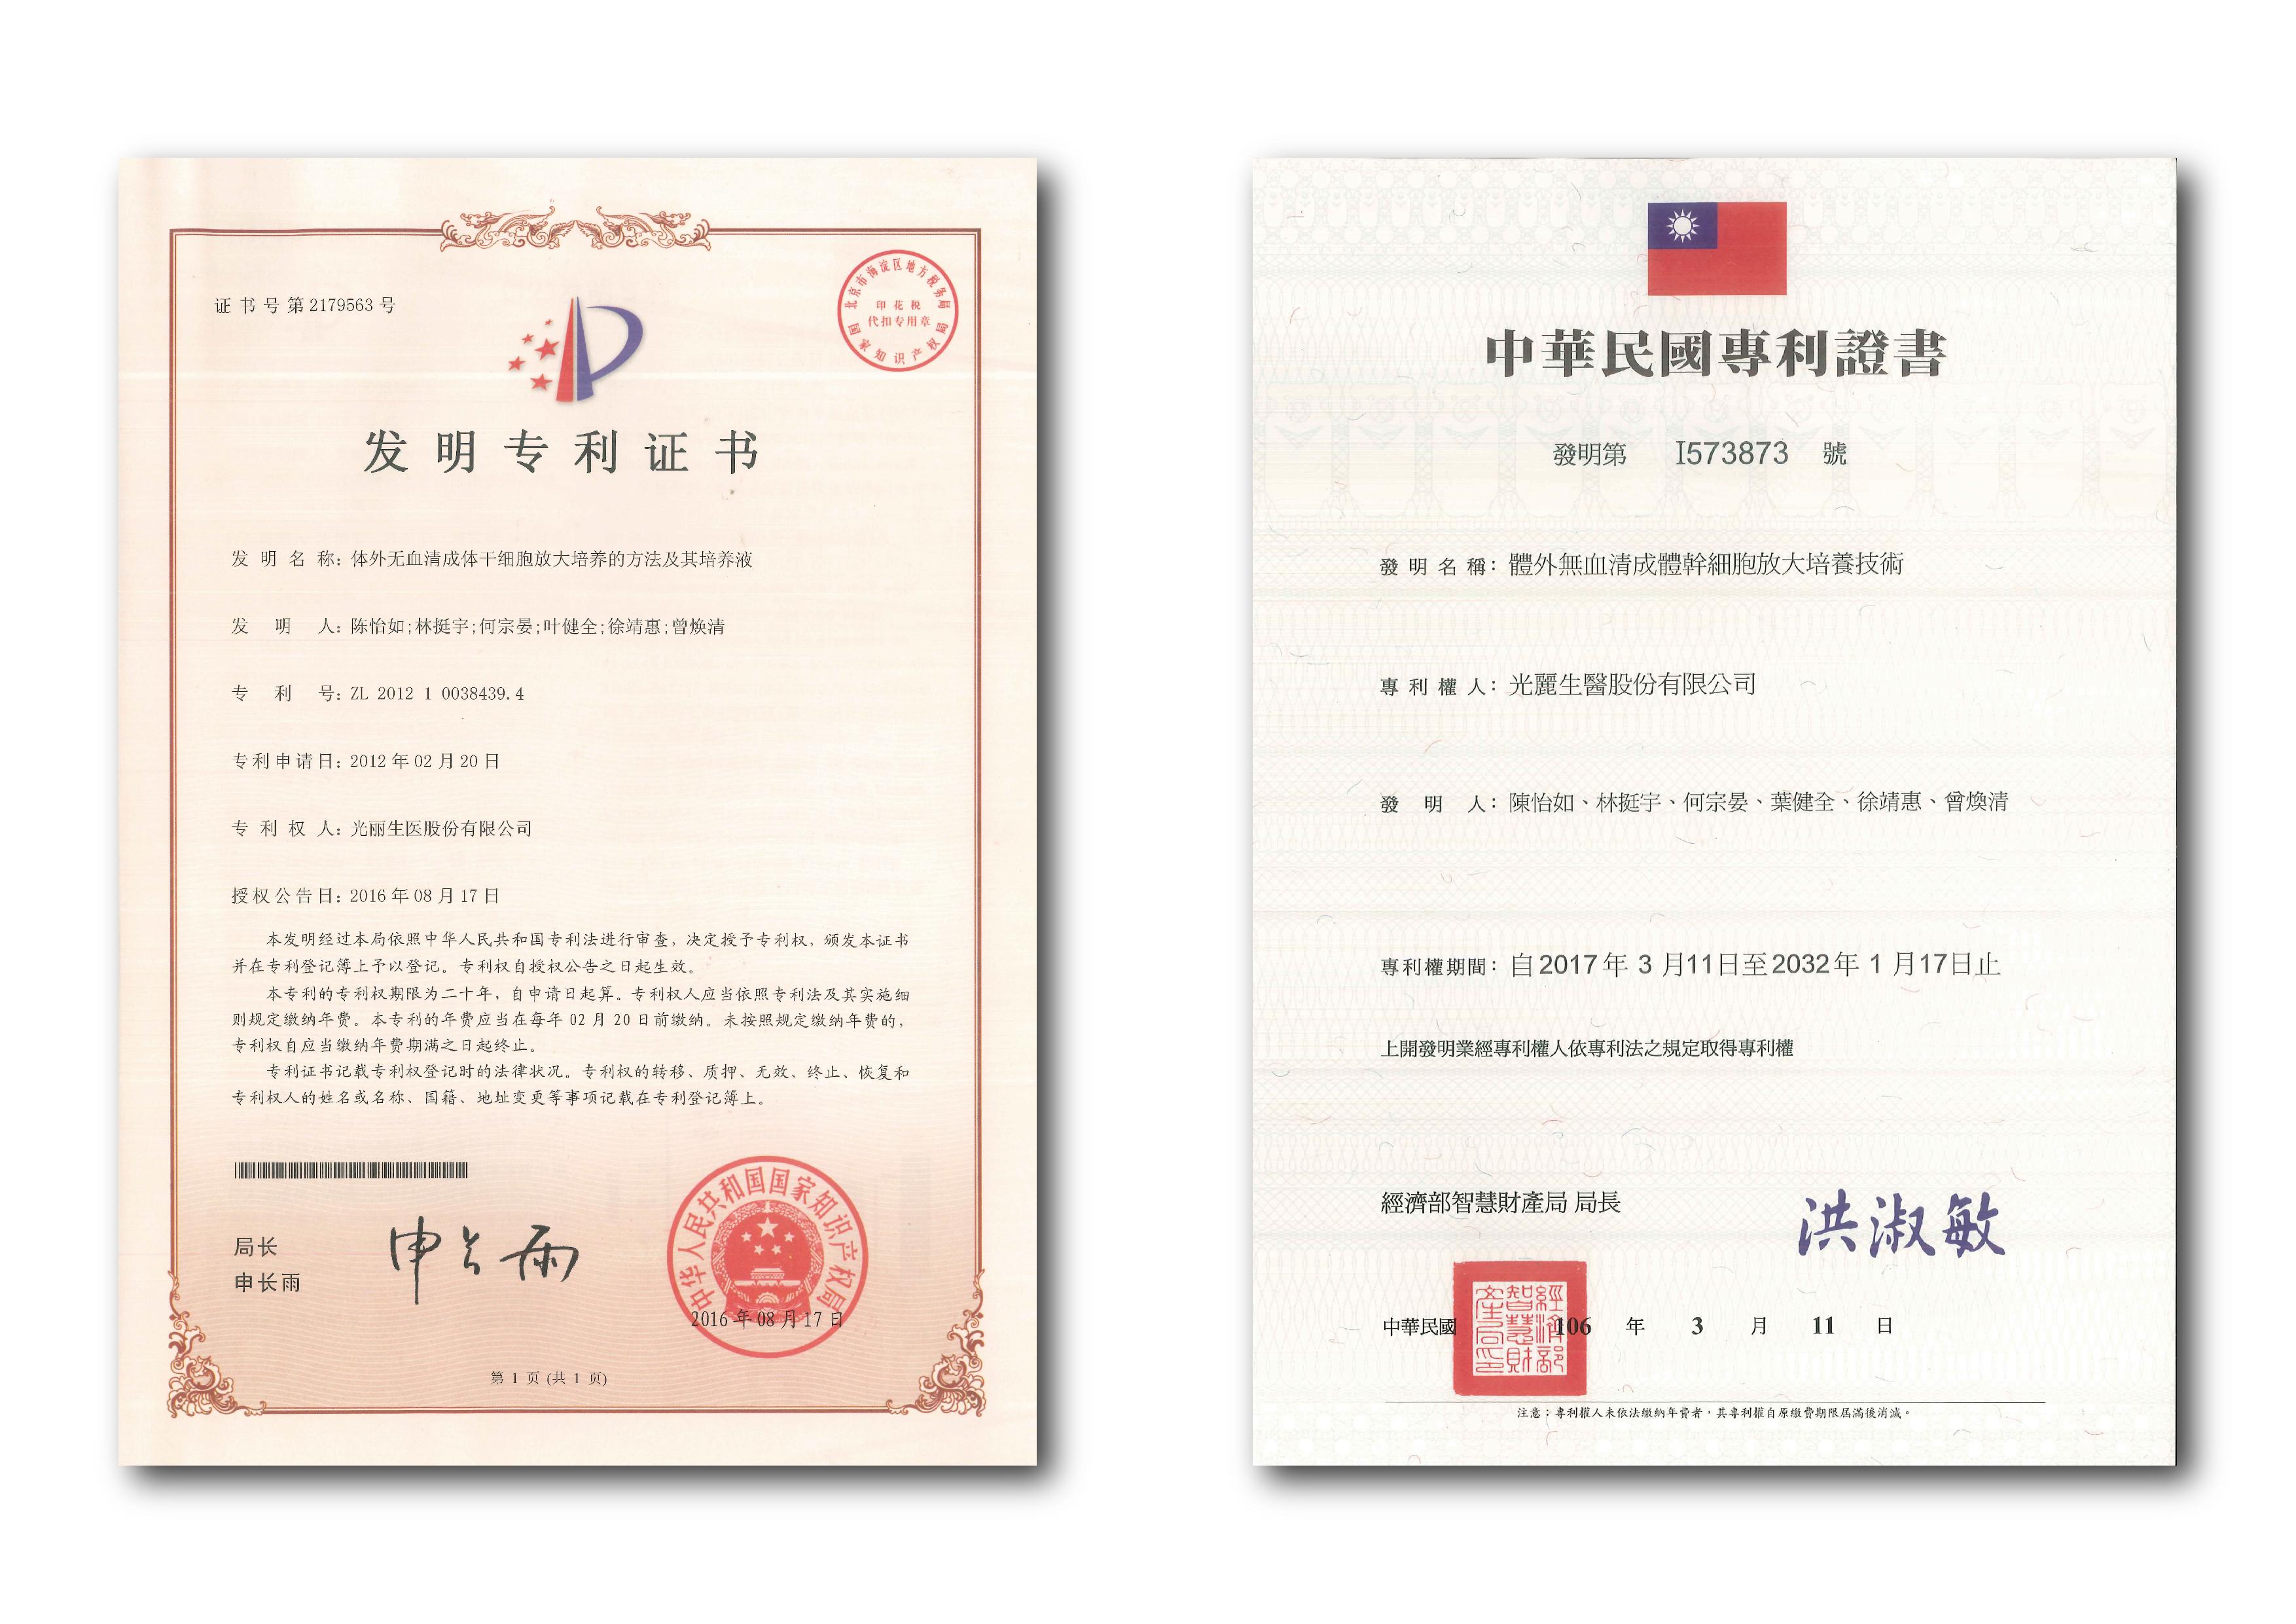 專利2_工作區域 1